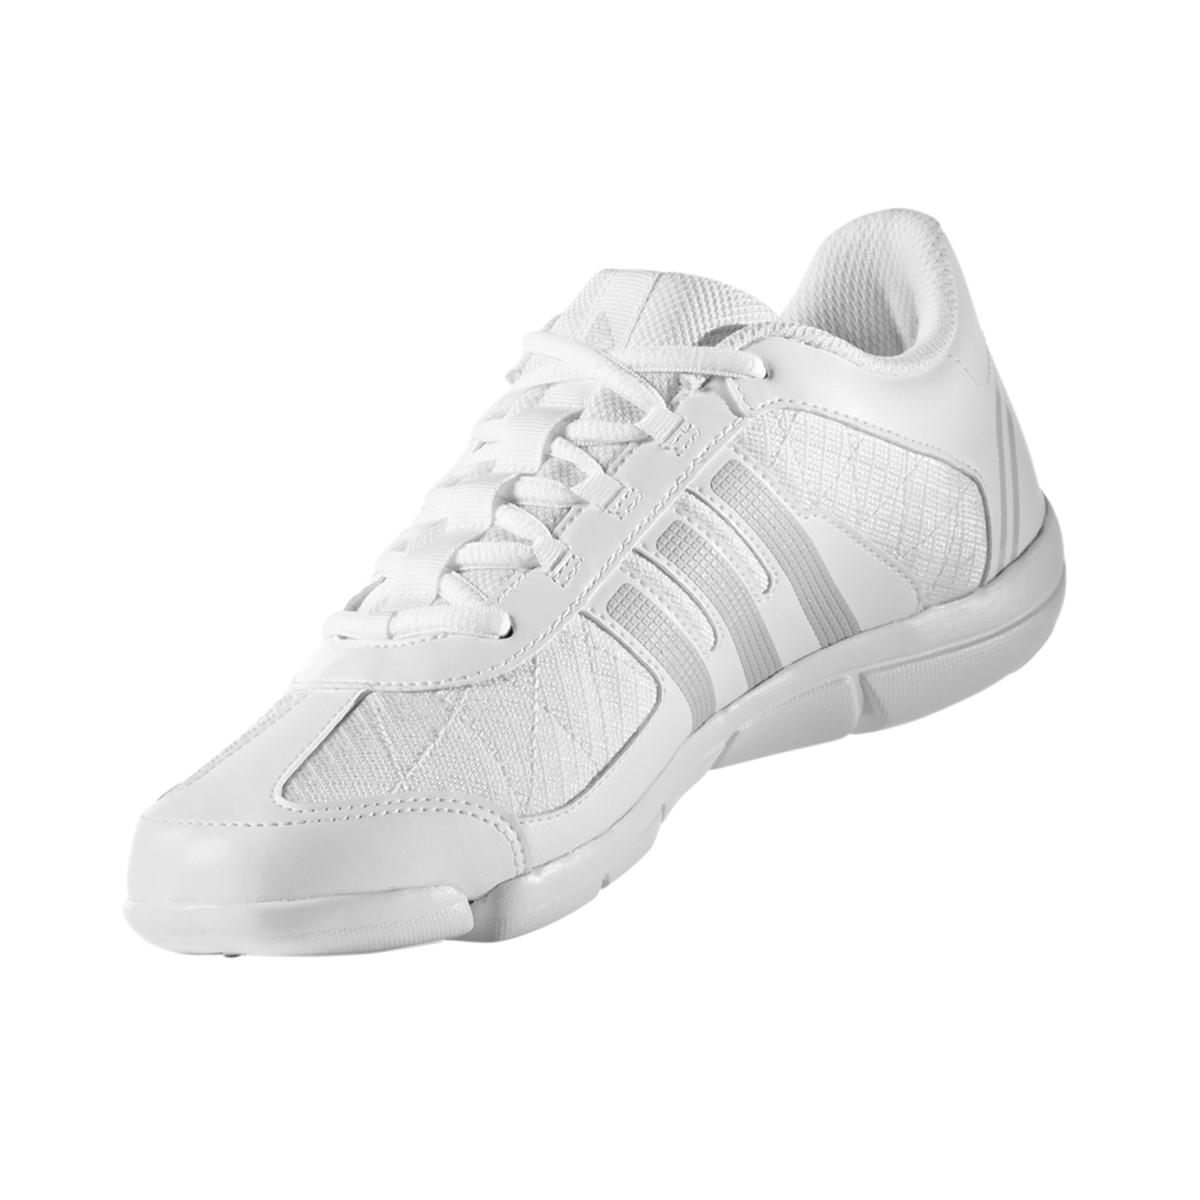 Adidas Triple Cheer Shoe | High-quality